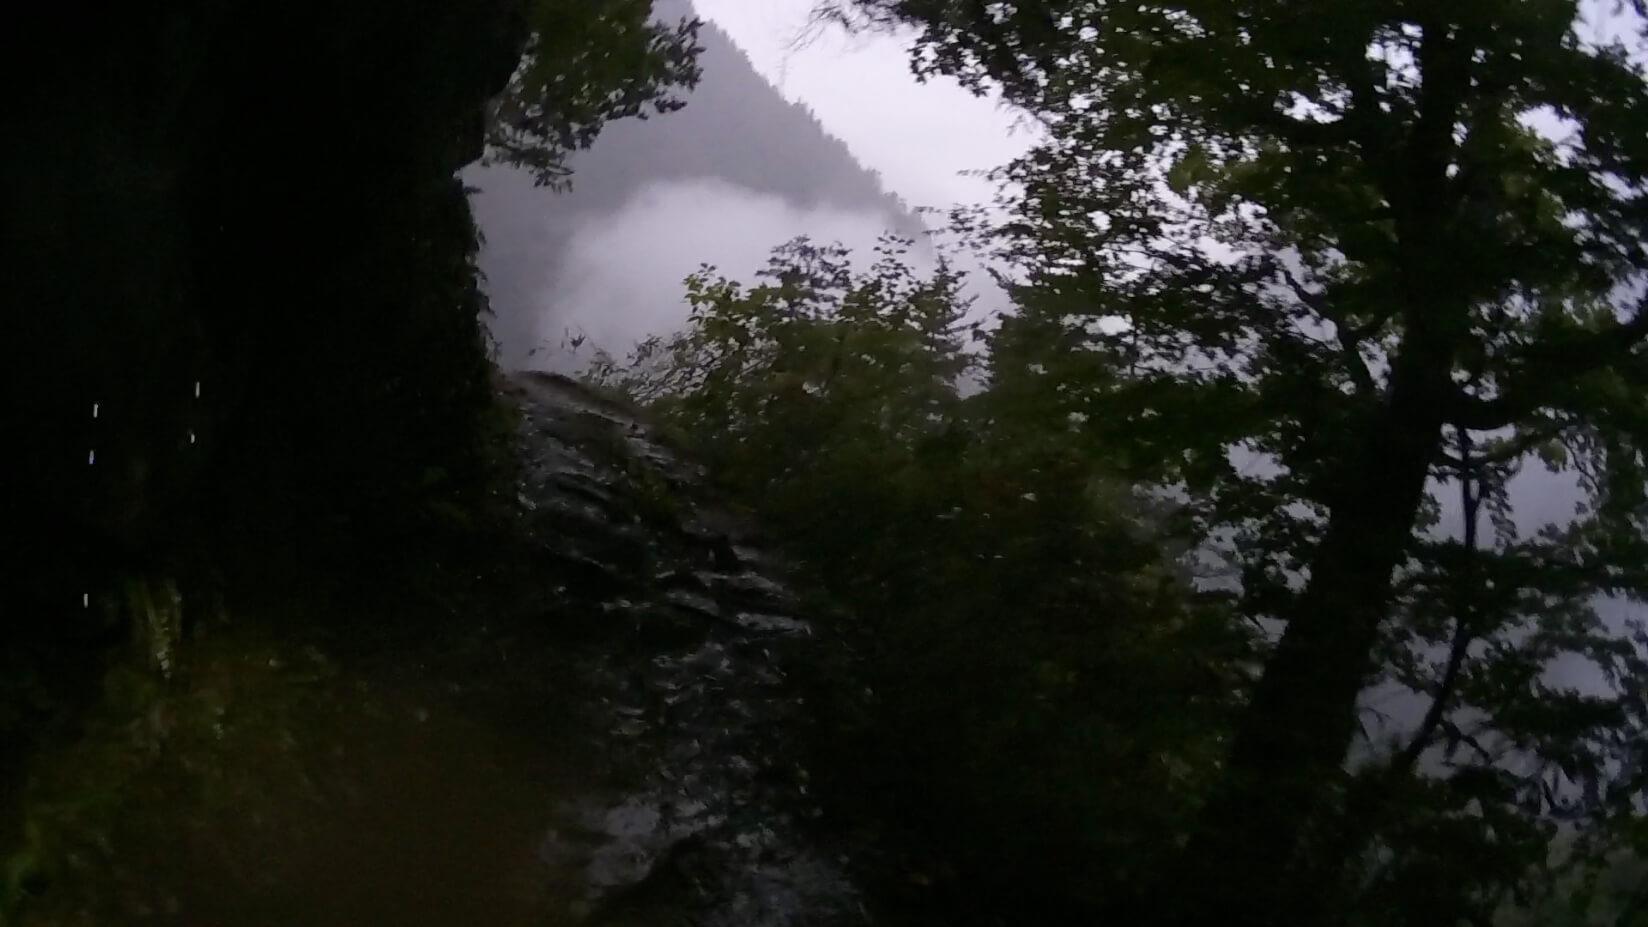 下ノ廊下、阿曽原温泉小屋〜砂防堤トンネル区間